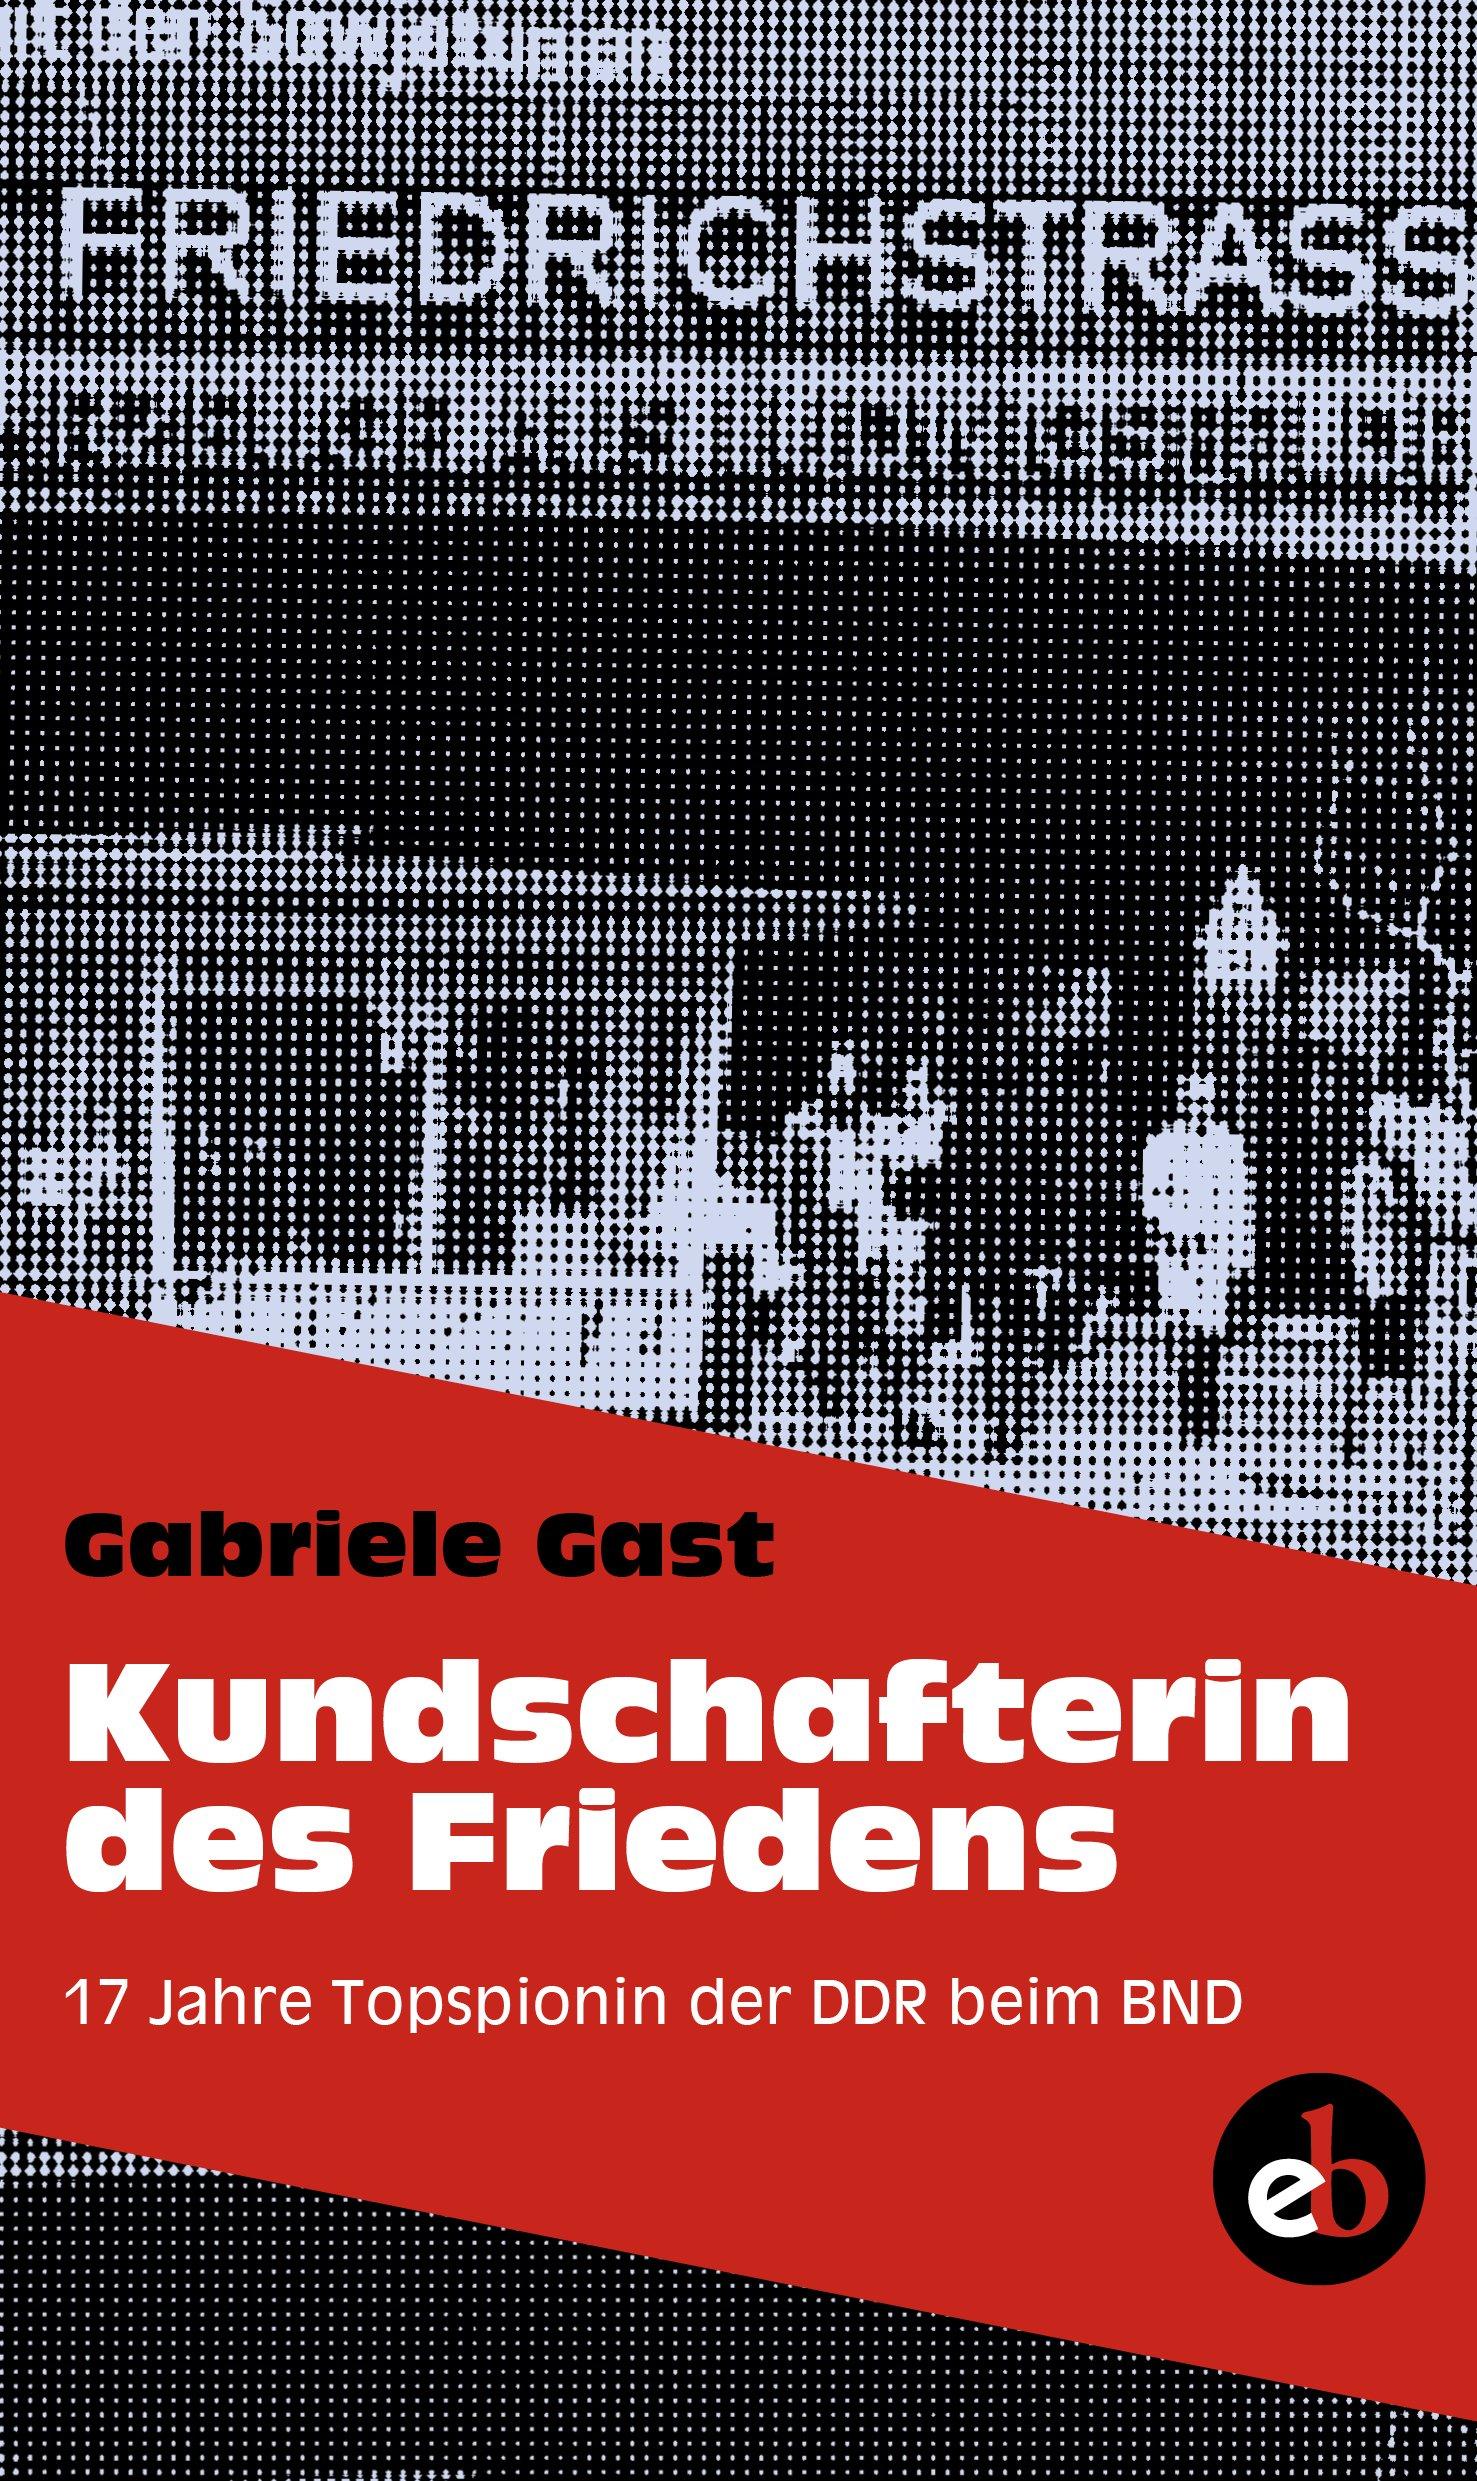 Kundschafterin des Friedens: 17 Jahre Topspionin der DDR beim BND